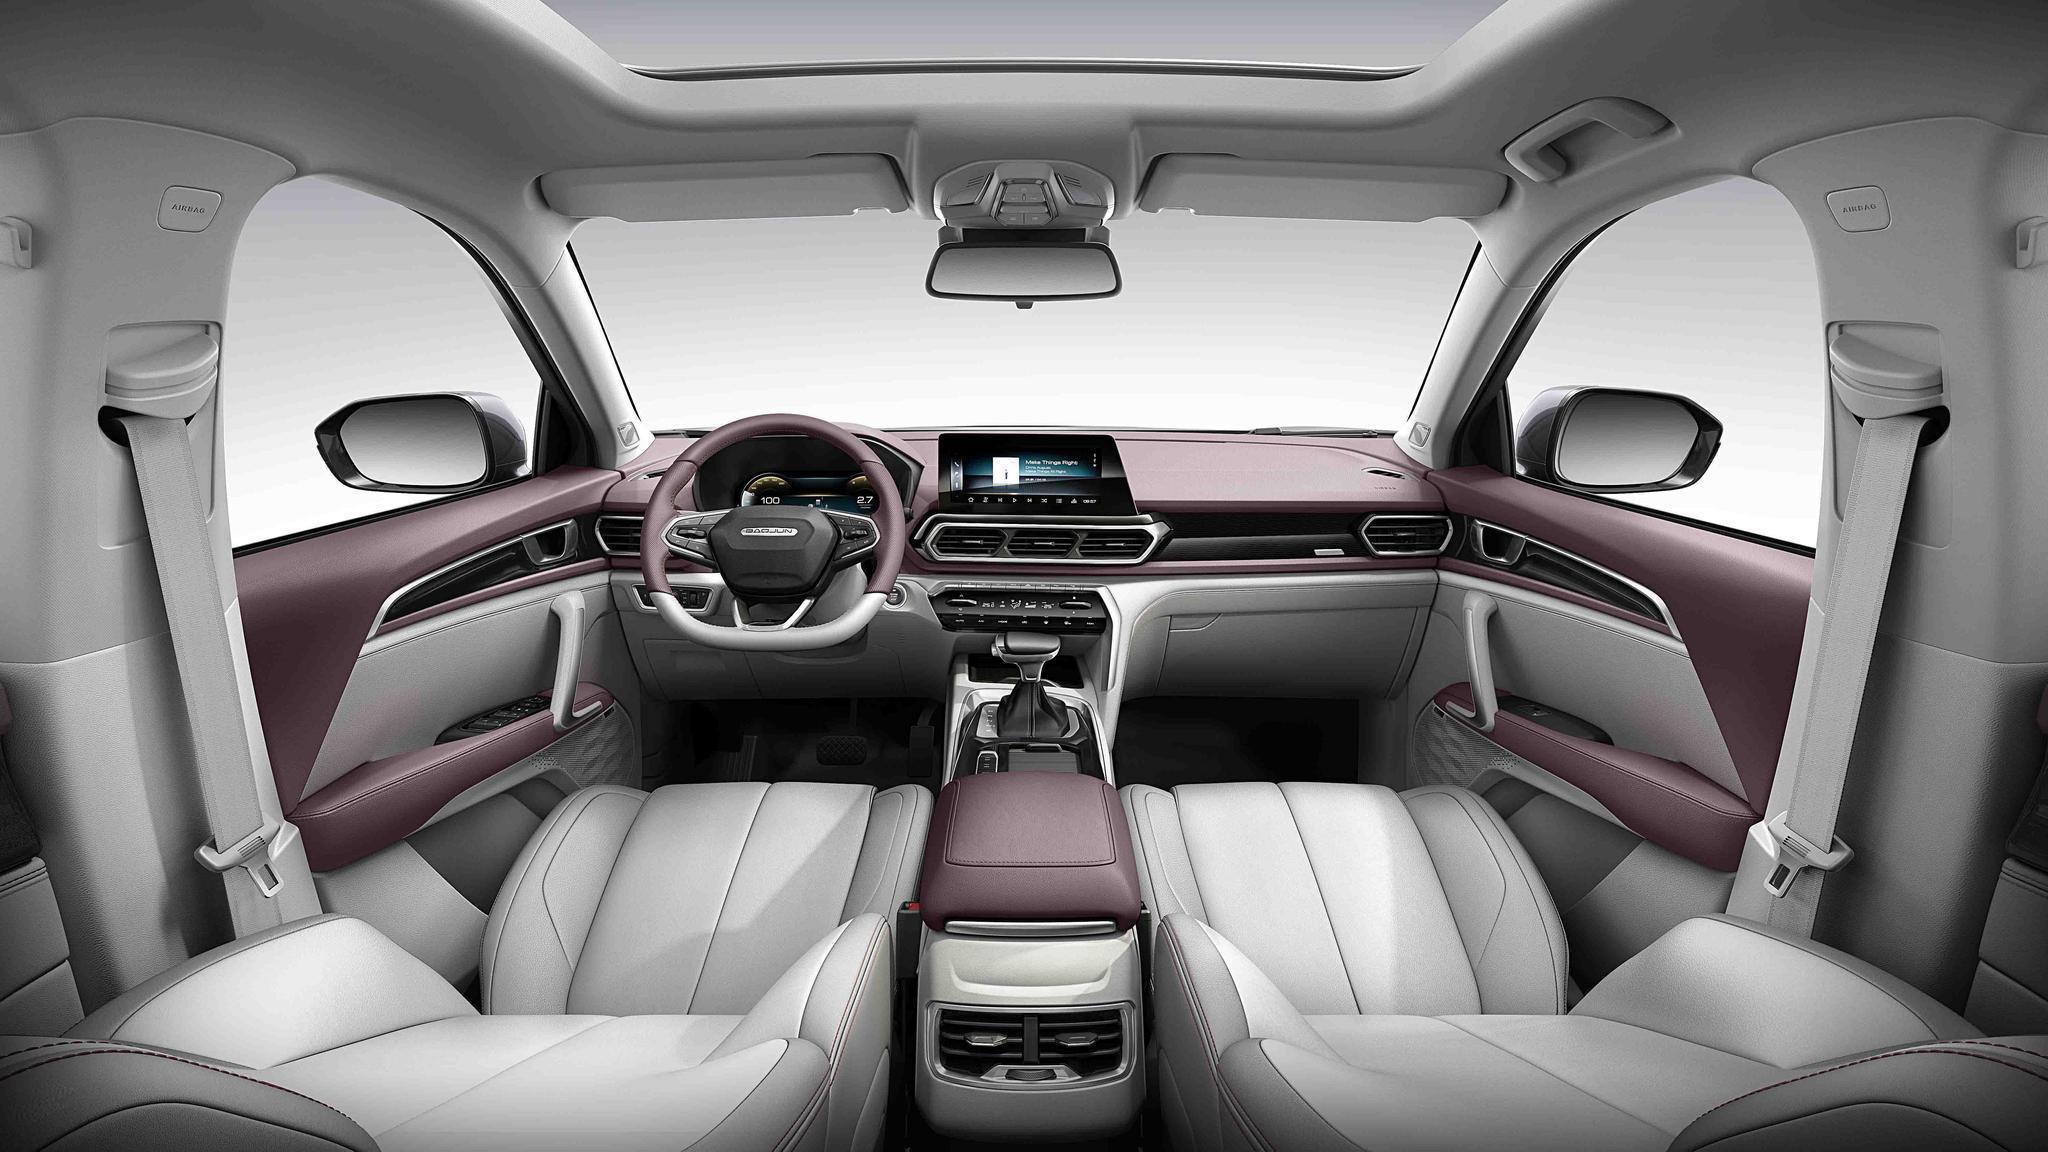 又一款SUV要火了,刚上市就大卖出5102辆,9.68万比本田丰田帅